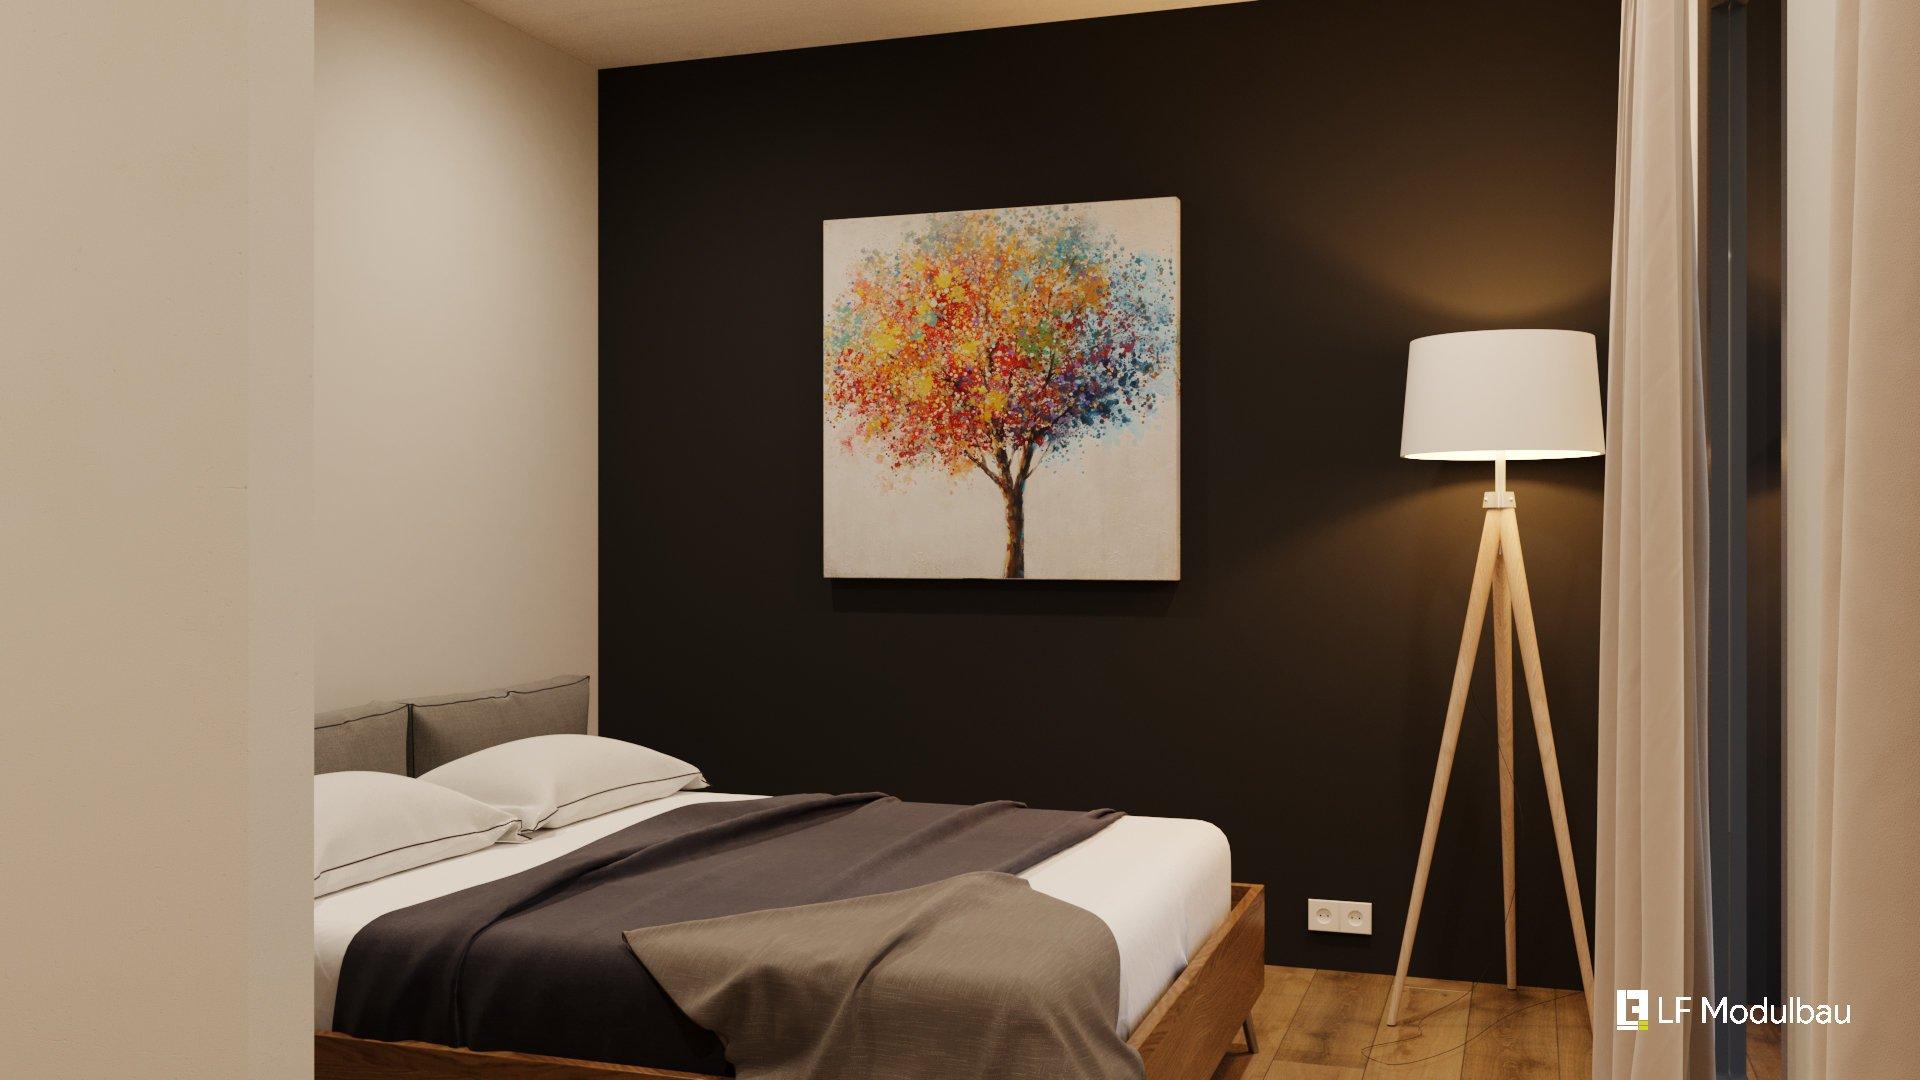 Das Schlafzimmer unseres Fertighauses in Modulbauweise - LF Home III